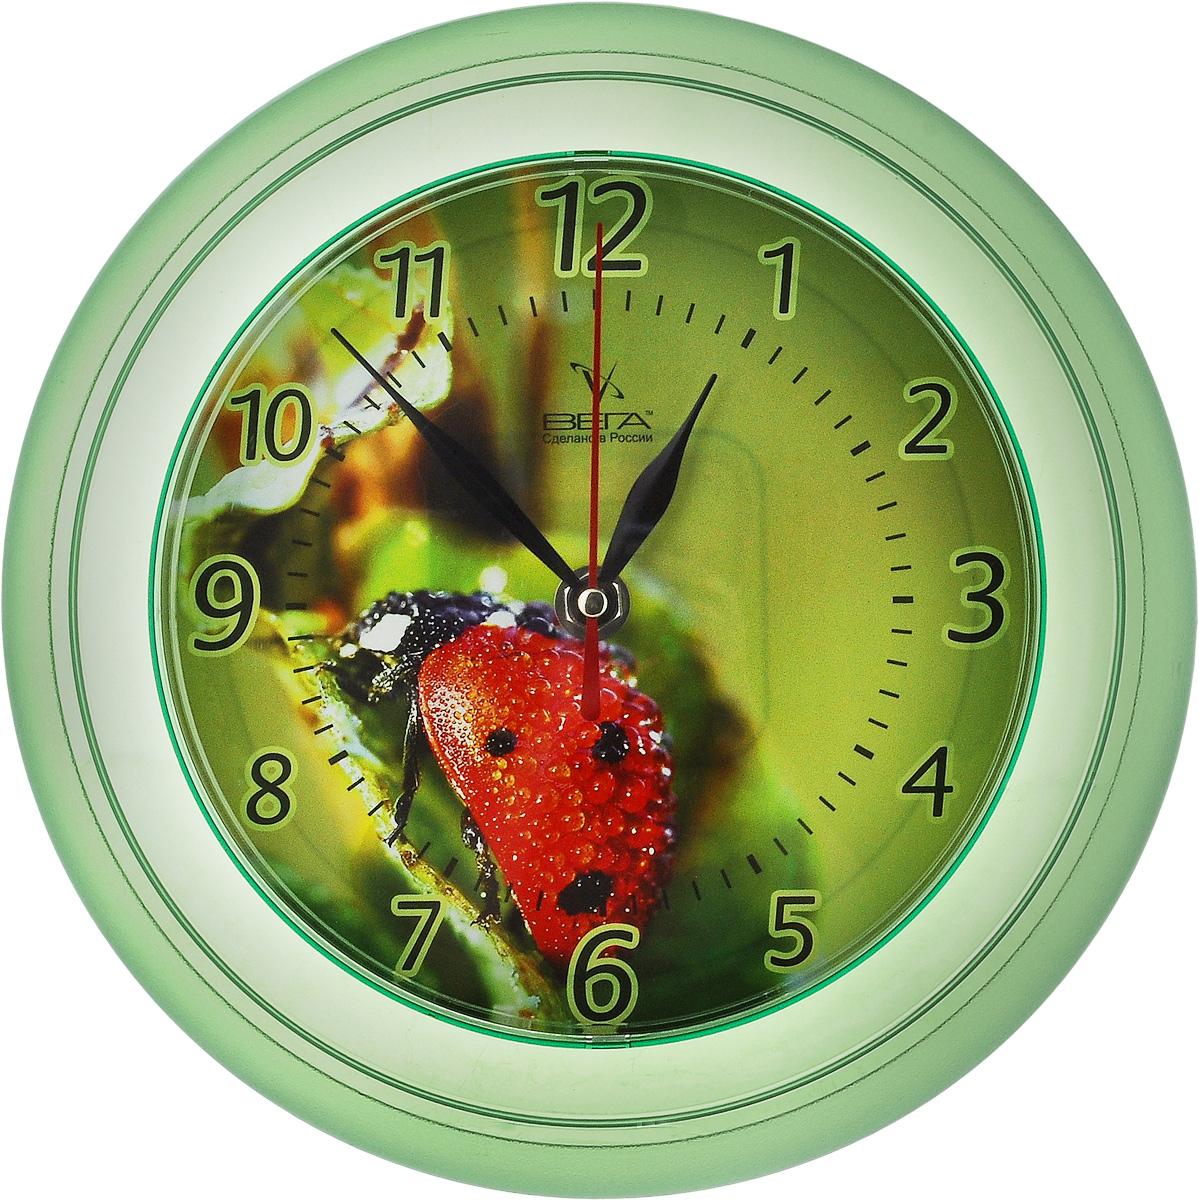 Часы настенные Вега Божья коровка, диаметр 22,5 см бк 04 магнит божья коровка 35мм 780420